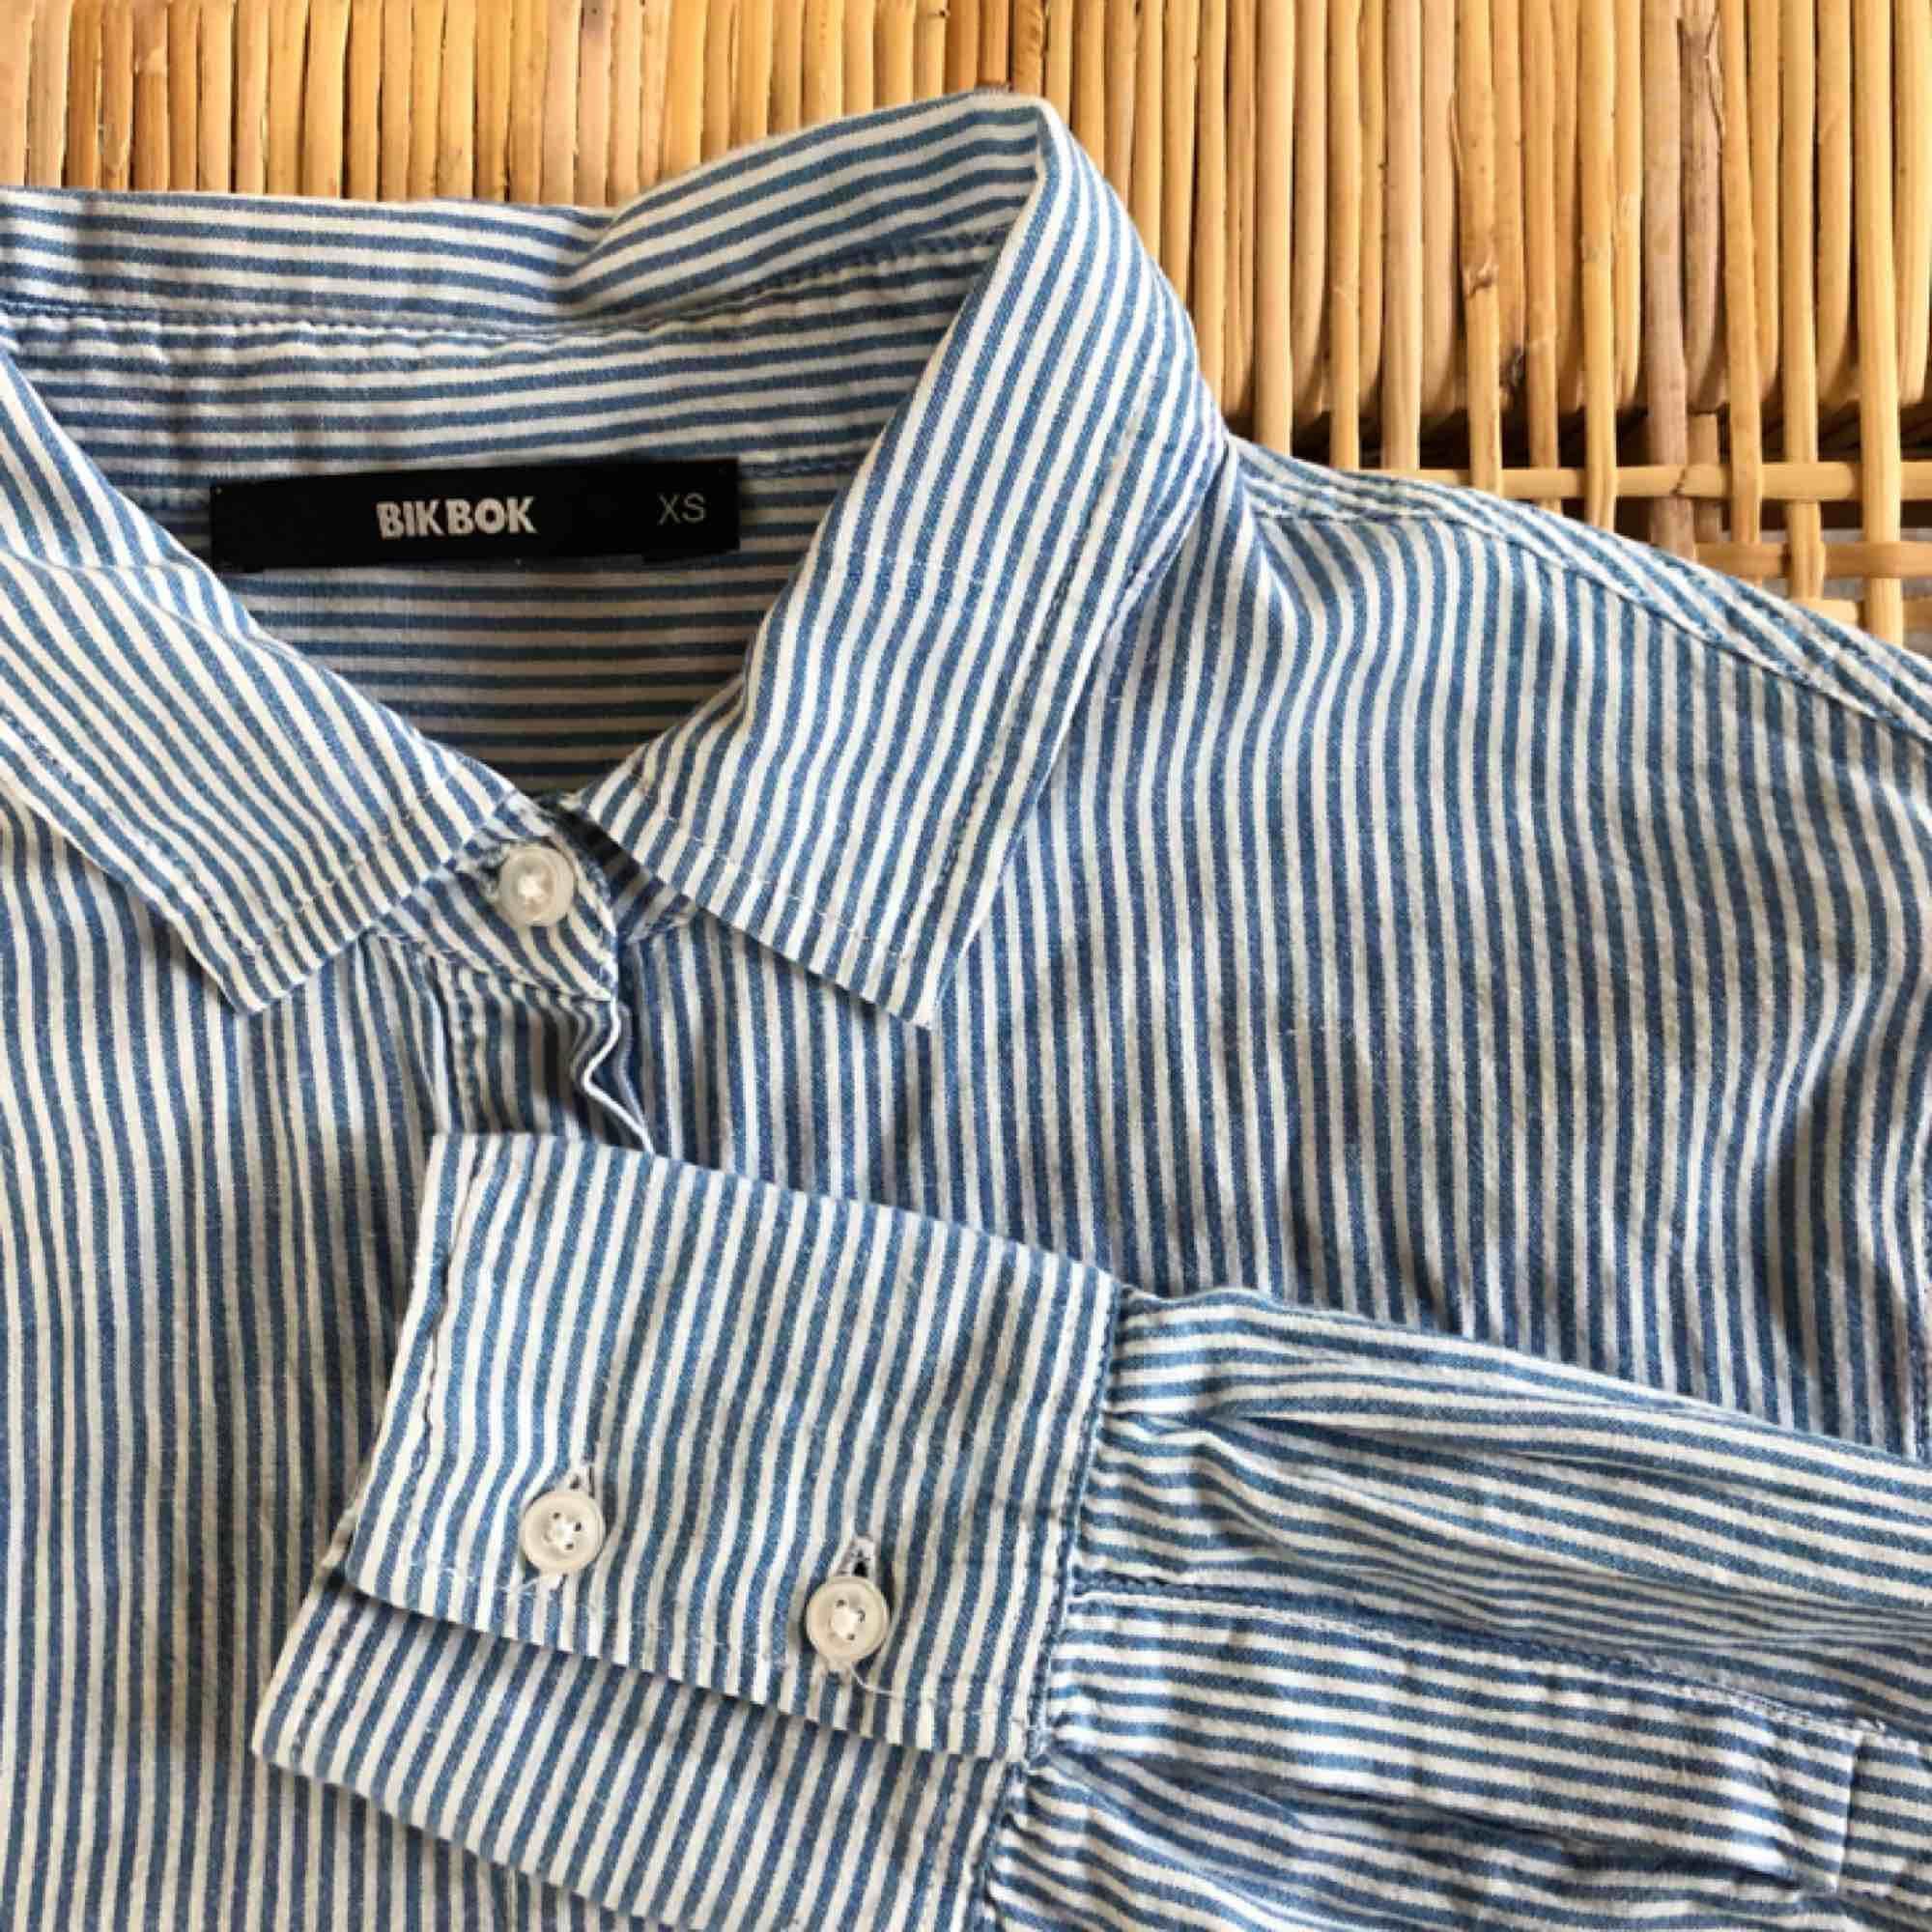 fett fin klassisk skjorta!! är en vanlig skjorta jag har knutit upp:)) färgen stämmer bättre på första bilden. 🍋FRAKT INGÅR🍋. Skjortor.